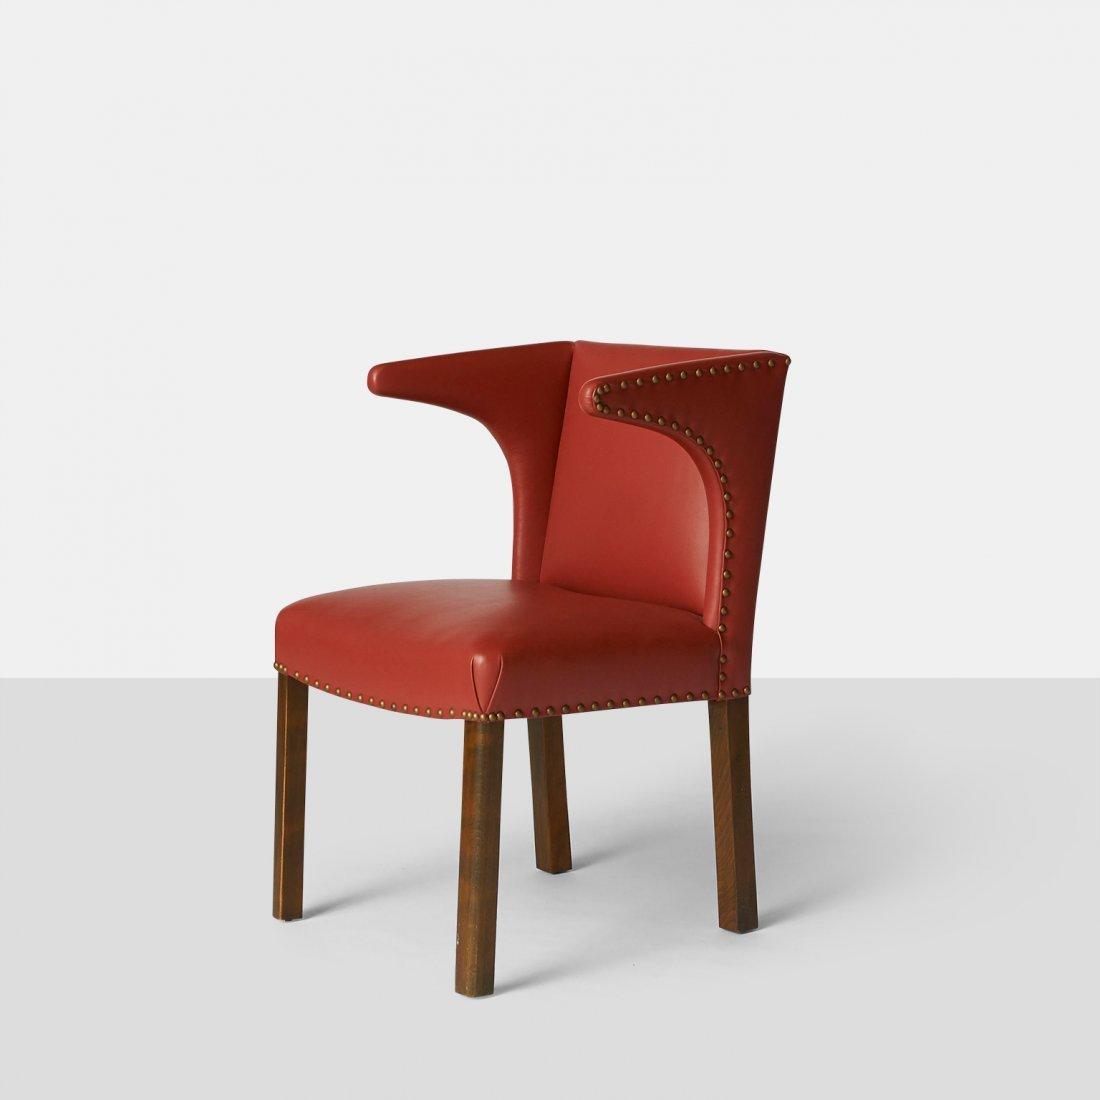 Frits Henningsen, Desk Chair